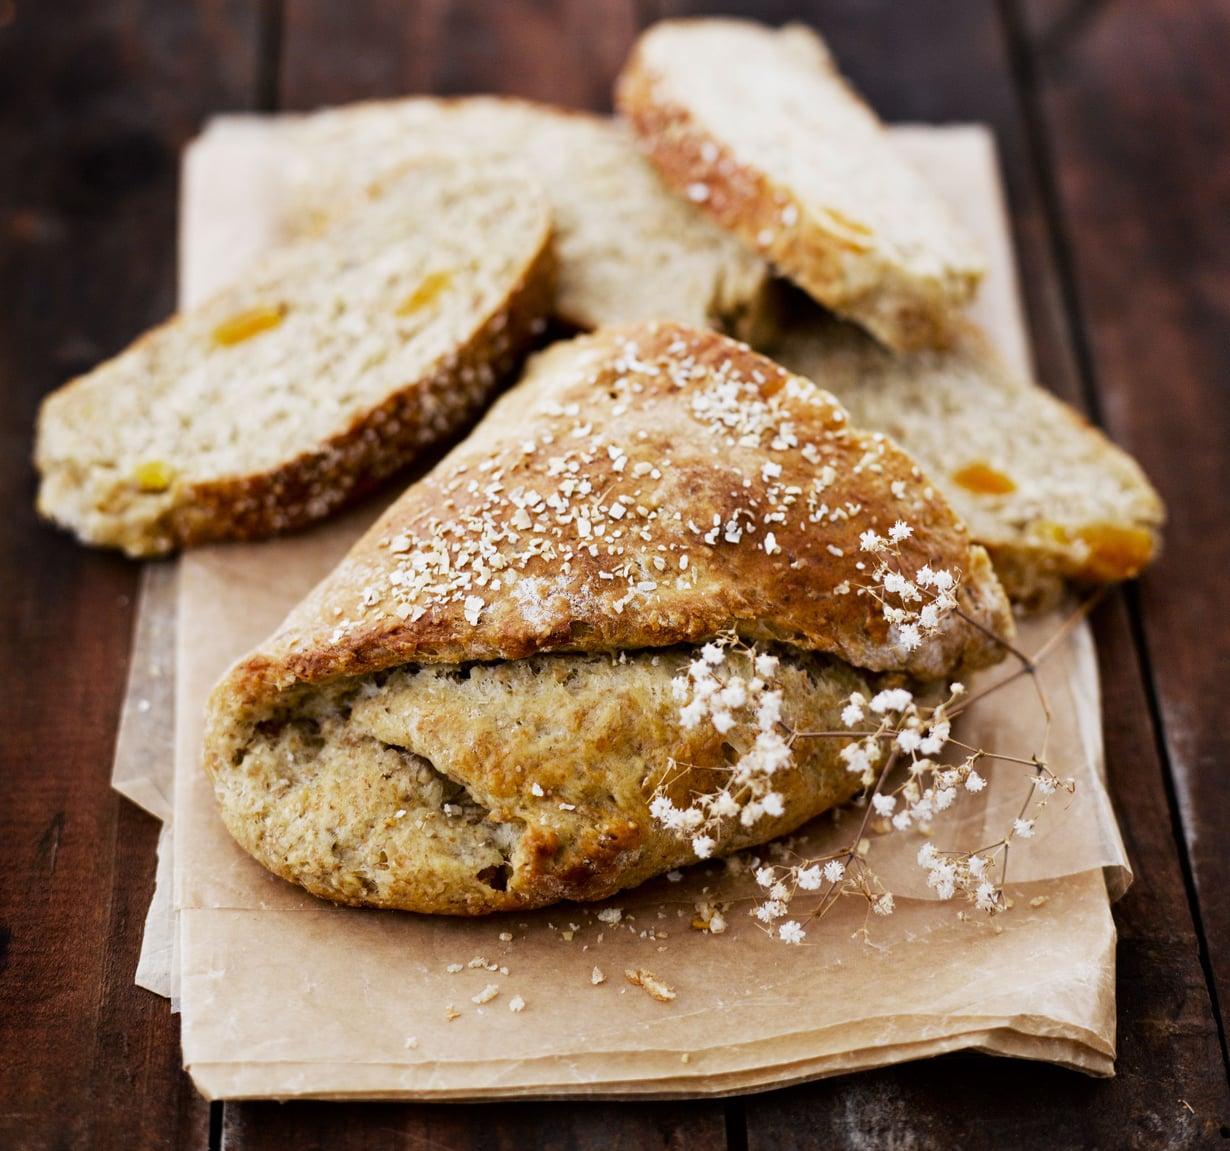 Aprikoosisattumat tekevät tästä leivästä mehevän.